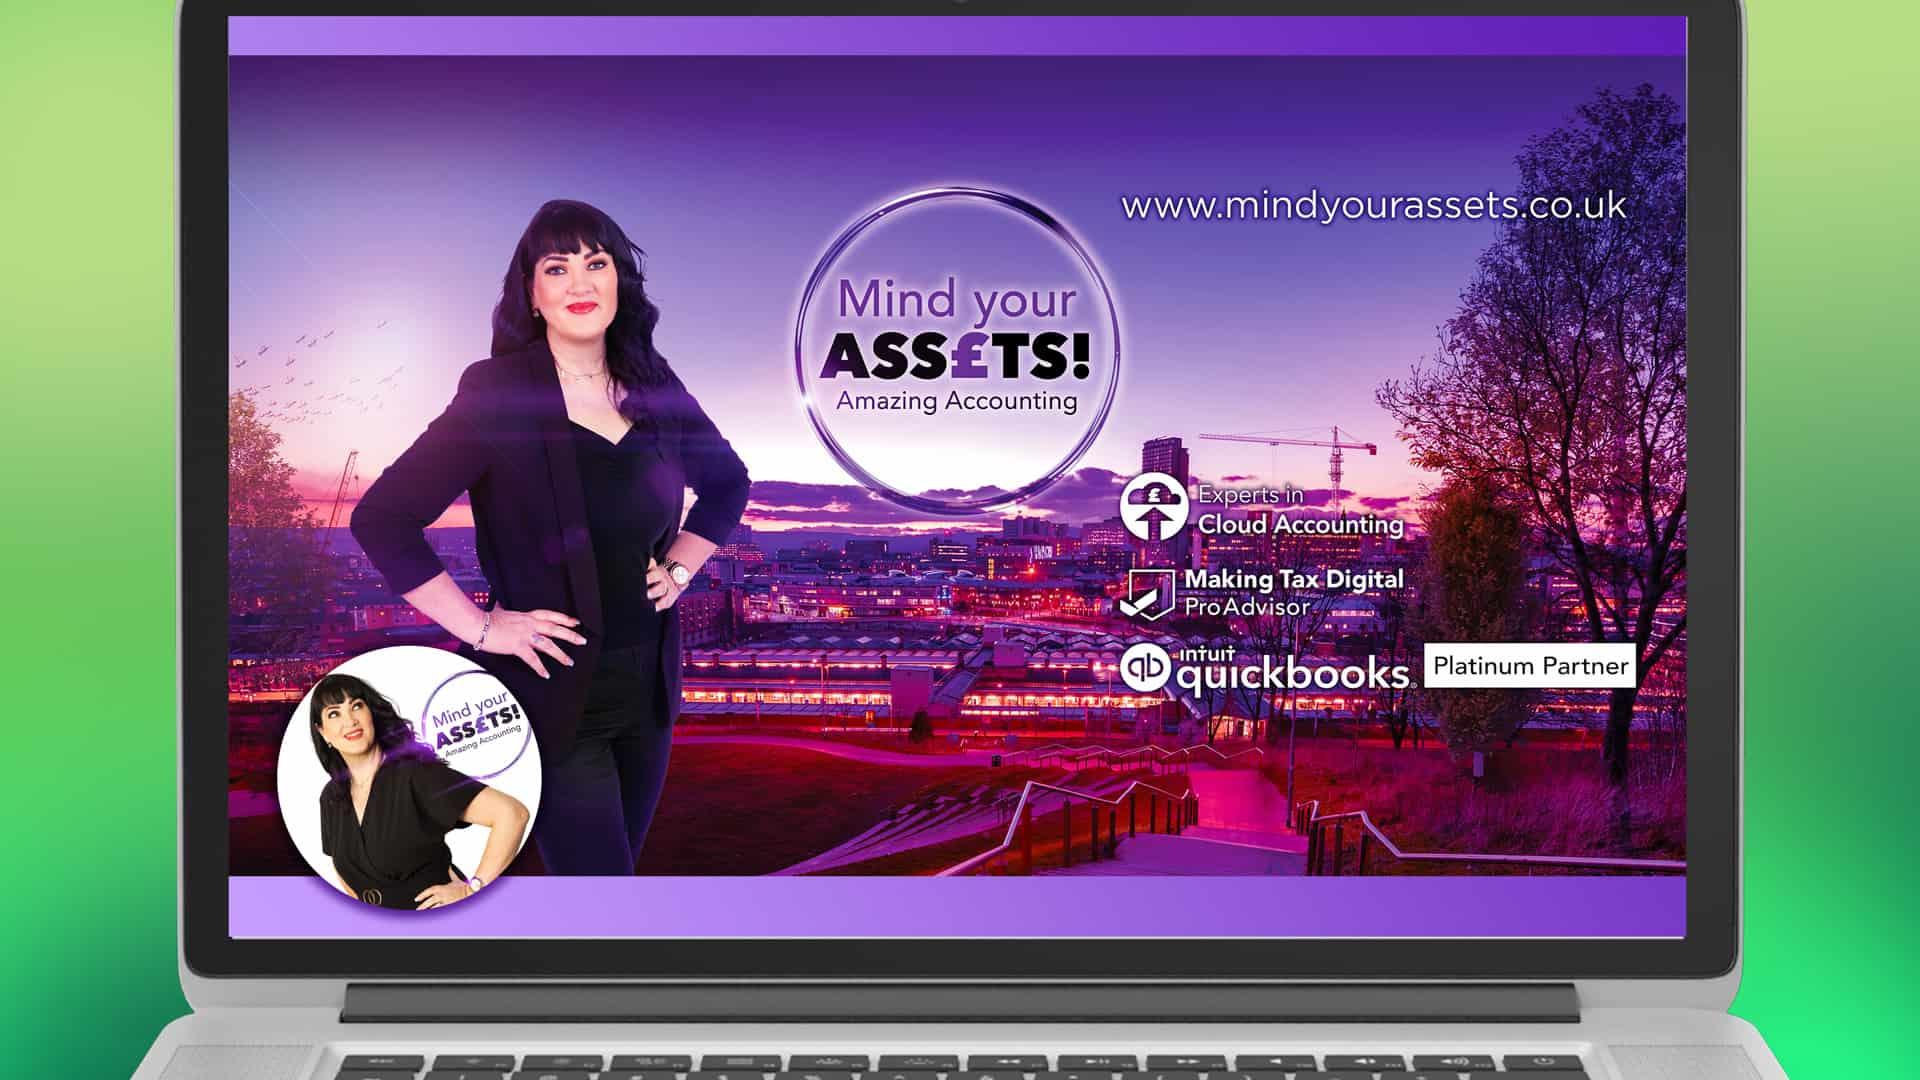 Image of Mind Your Assets social media header on laptop